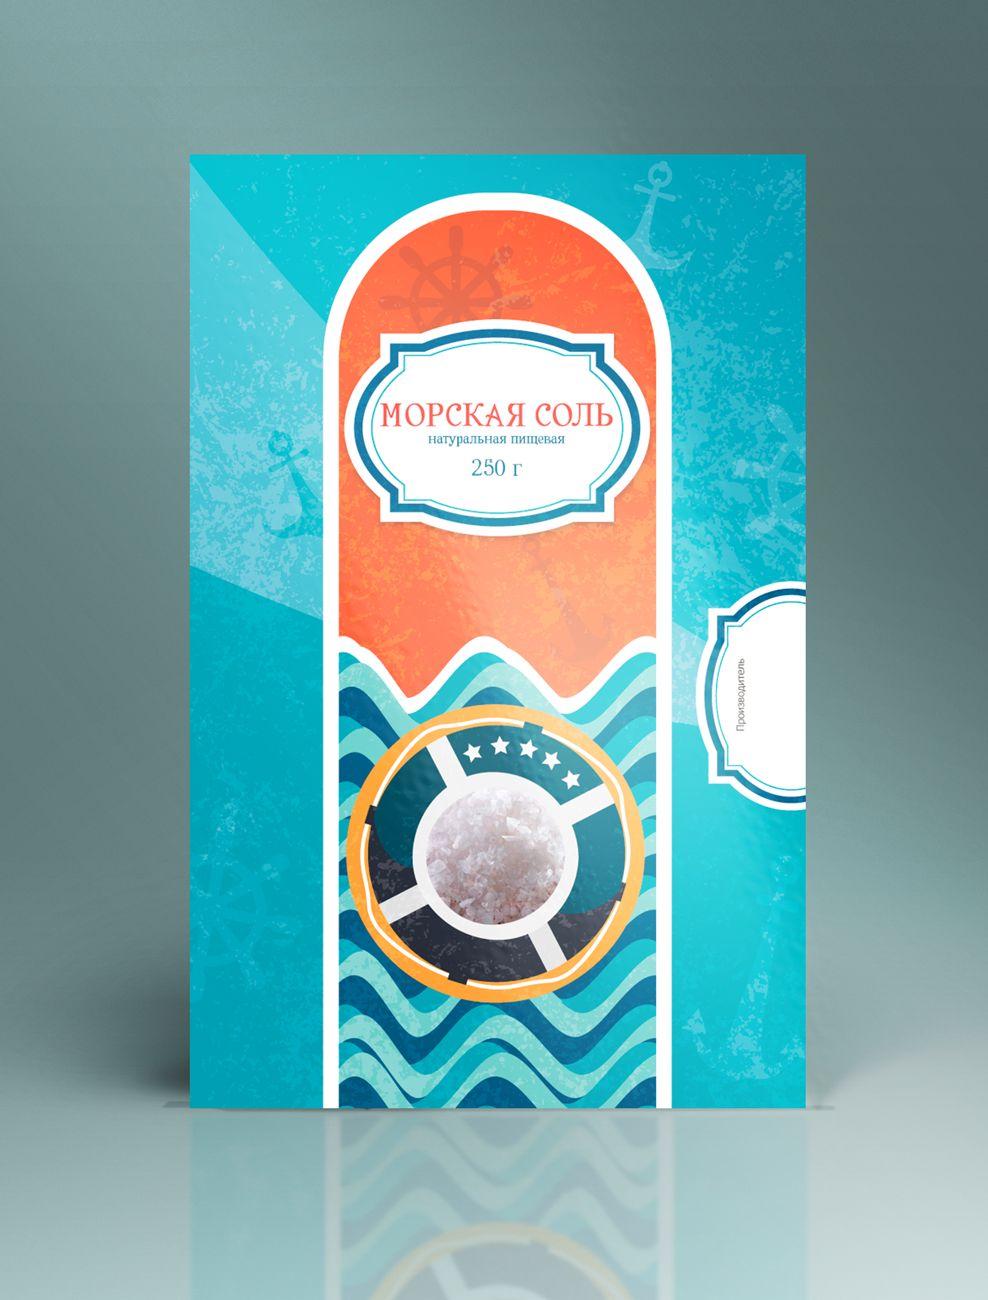 Дизайн этикетки для соли пищевой морской  - дизайнер Barbagorga